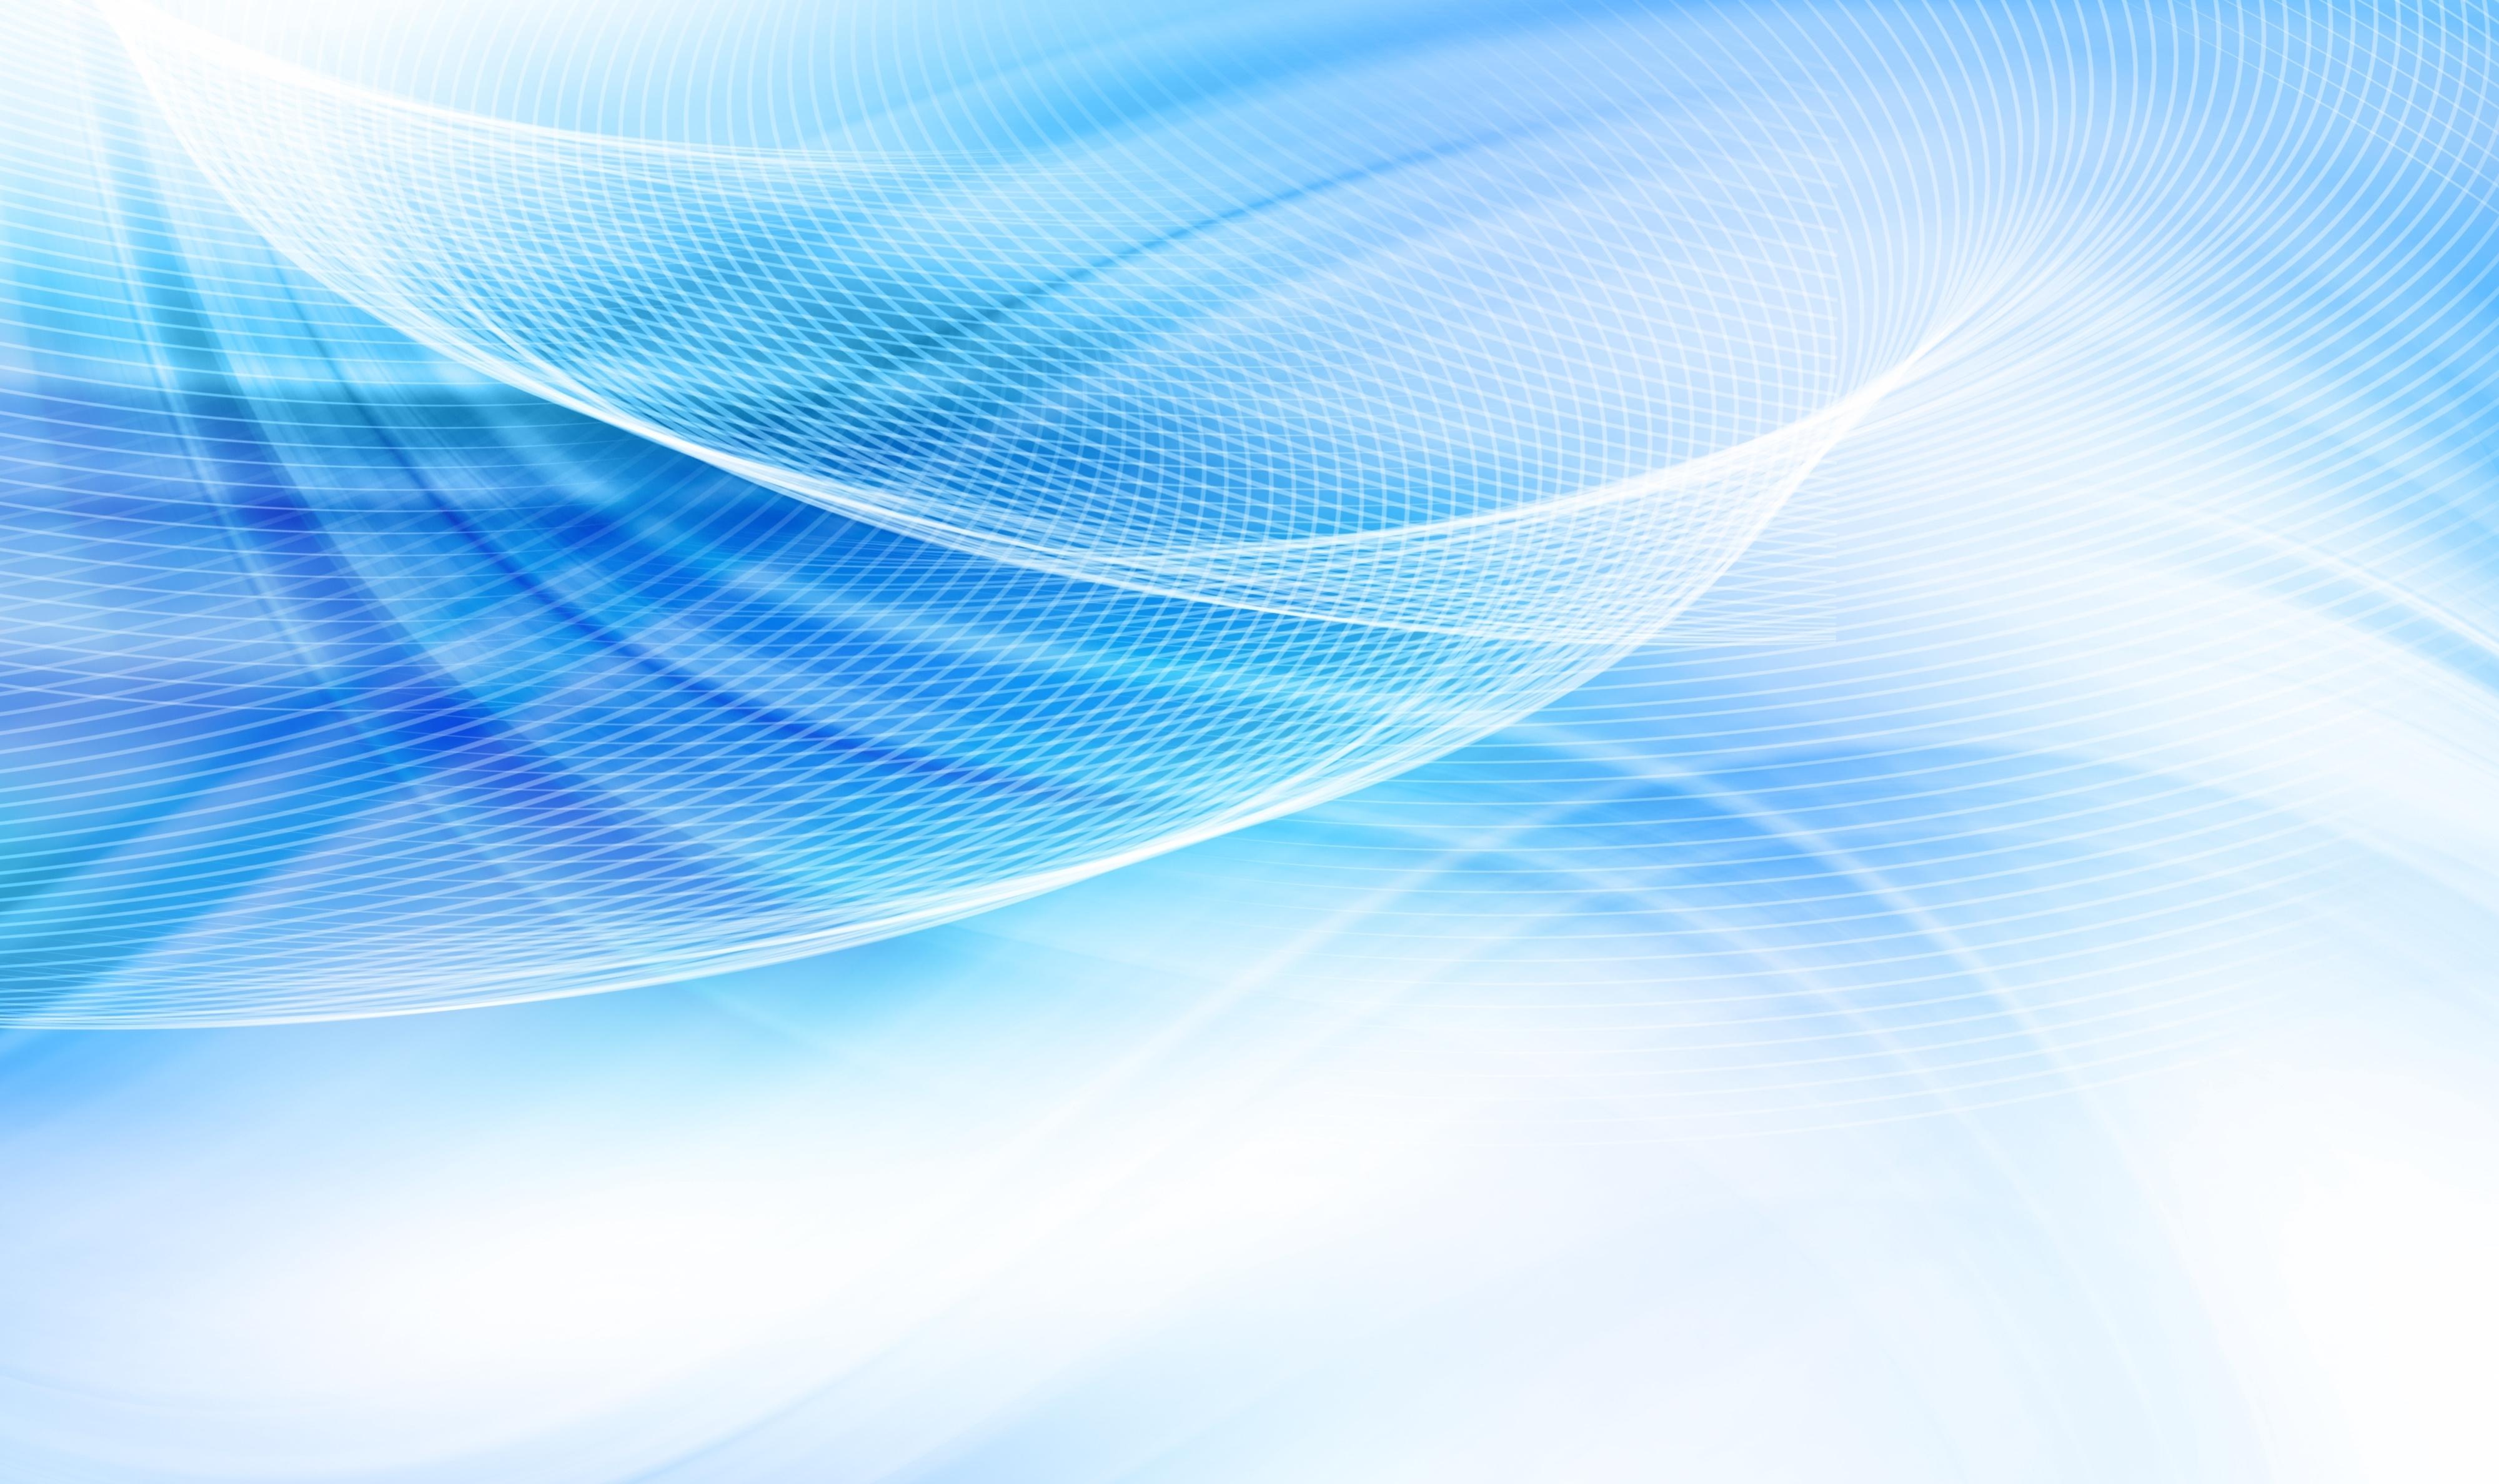 абстракция синяя фото